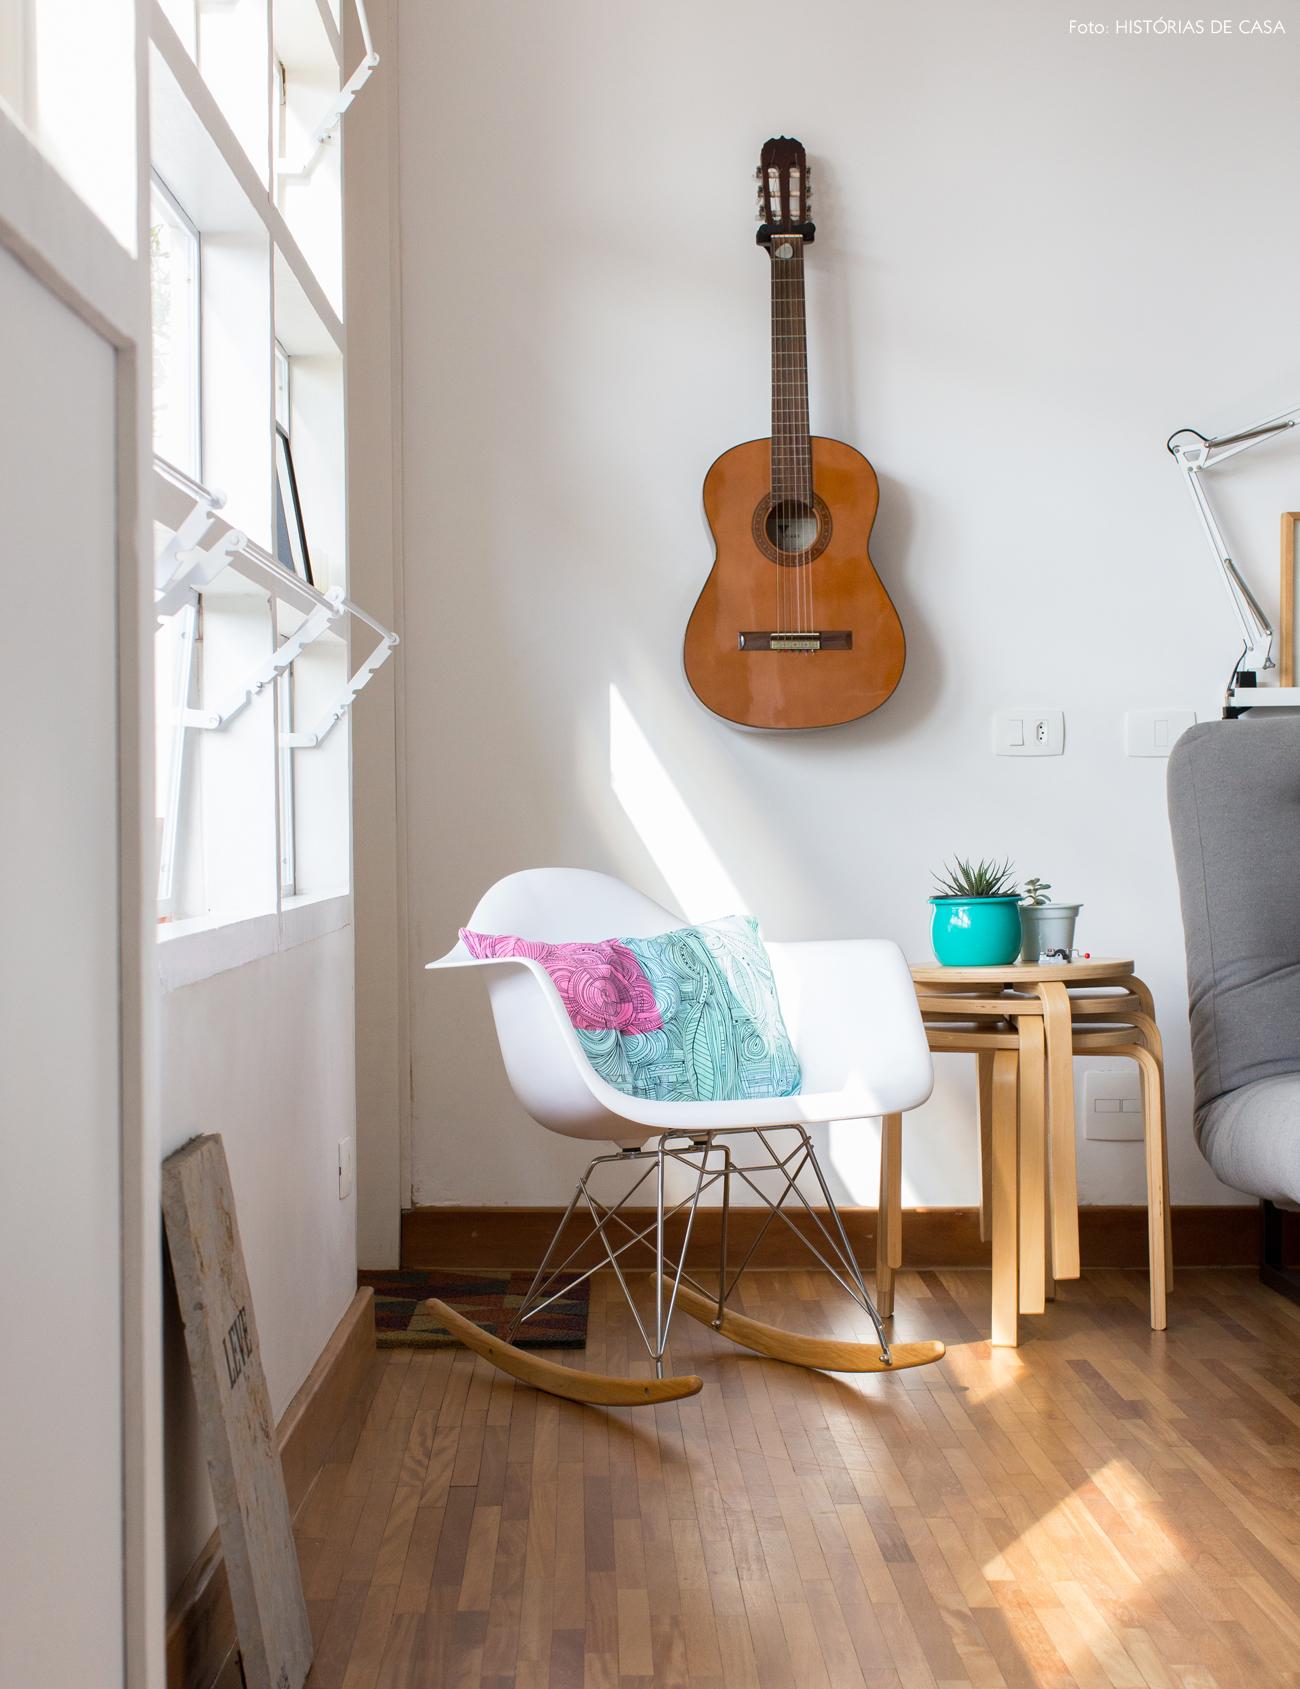 06-decoracao-apartamento-pequeno-violao-pendurado-na-parede